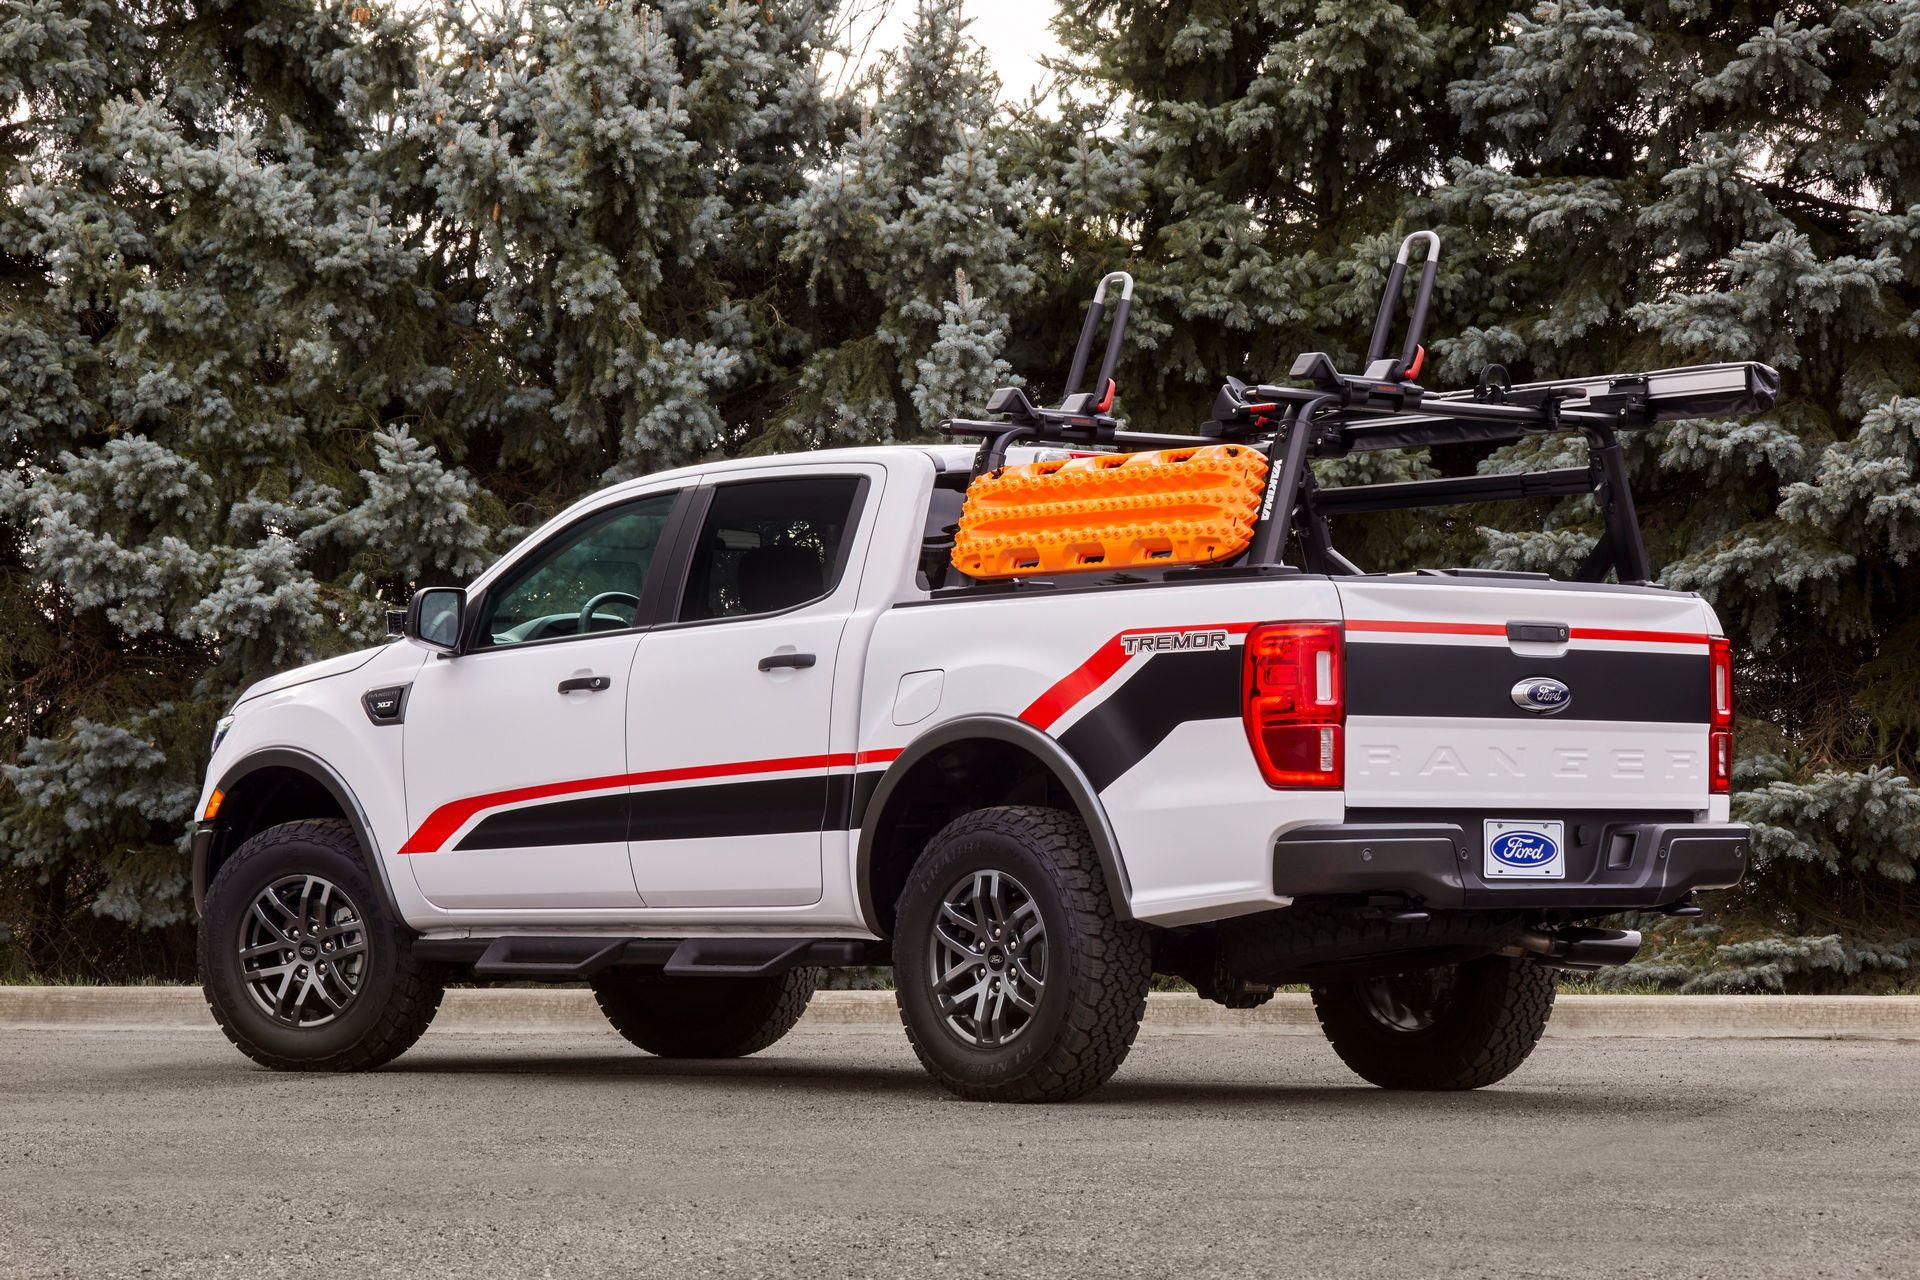 Ford-SEMA-Concepts-20